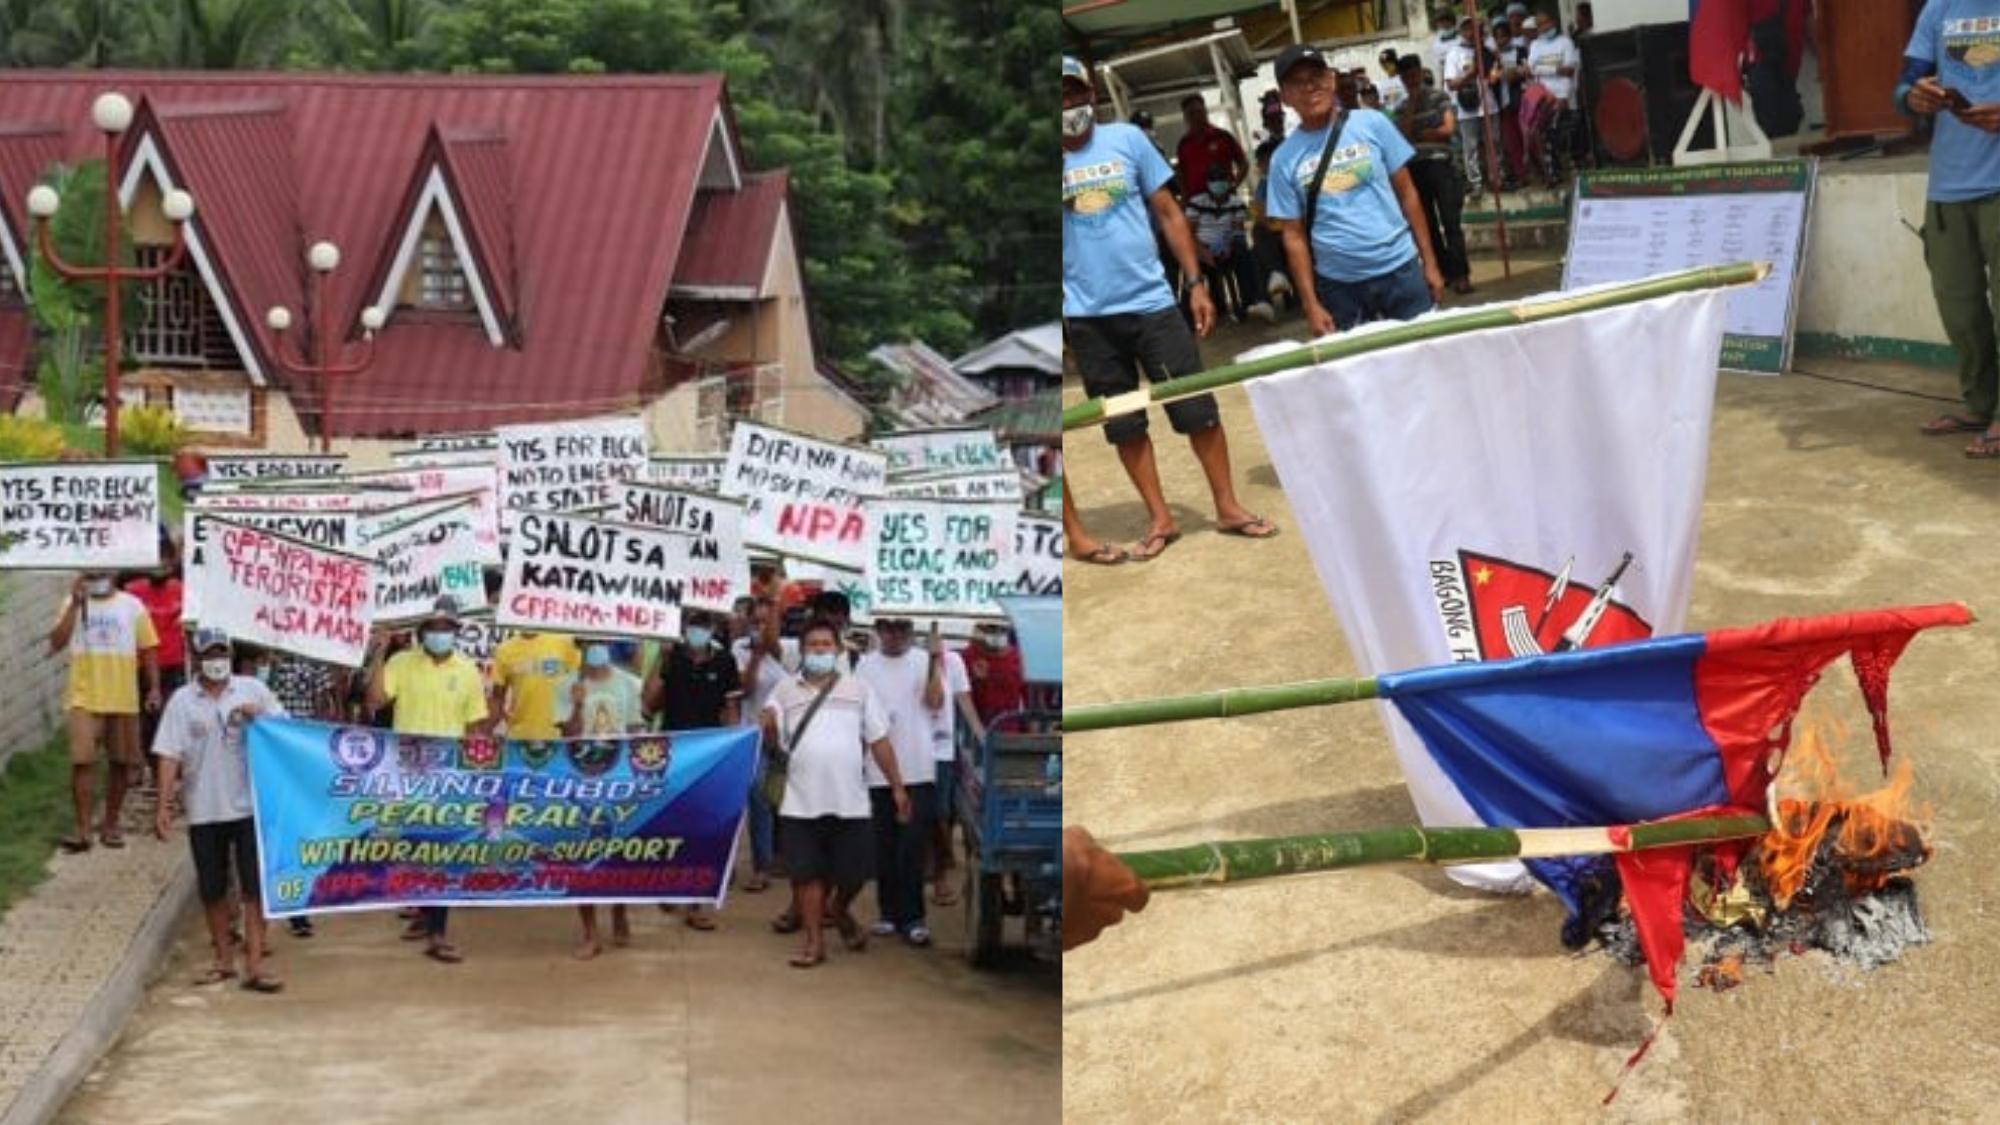 Fruit of NTF- ELCAC Almost 300 rebels surrender to authorities in N. Samar